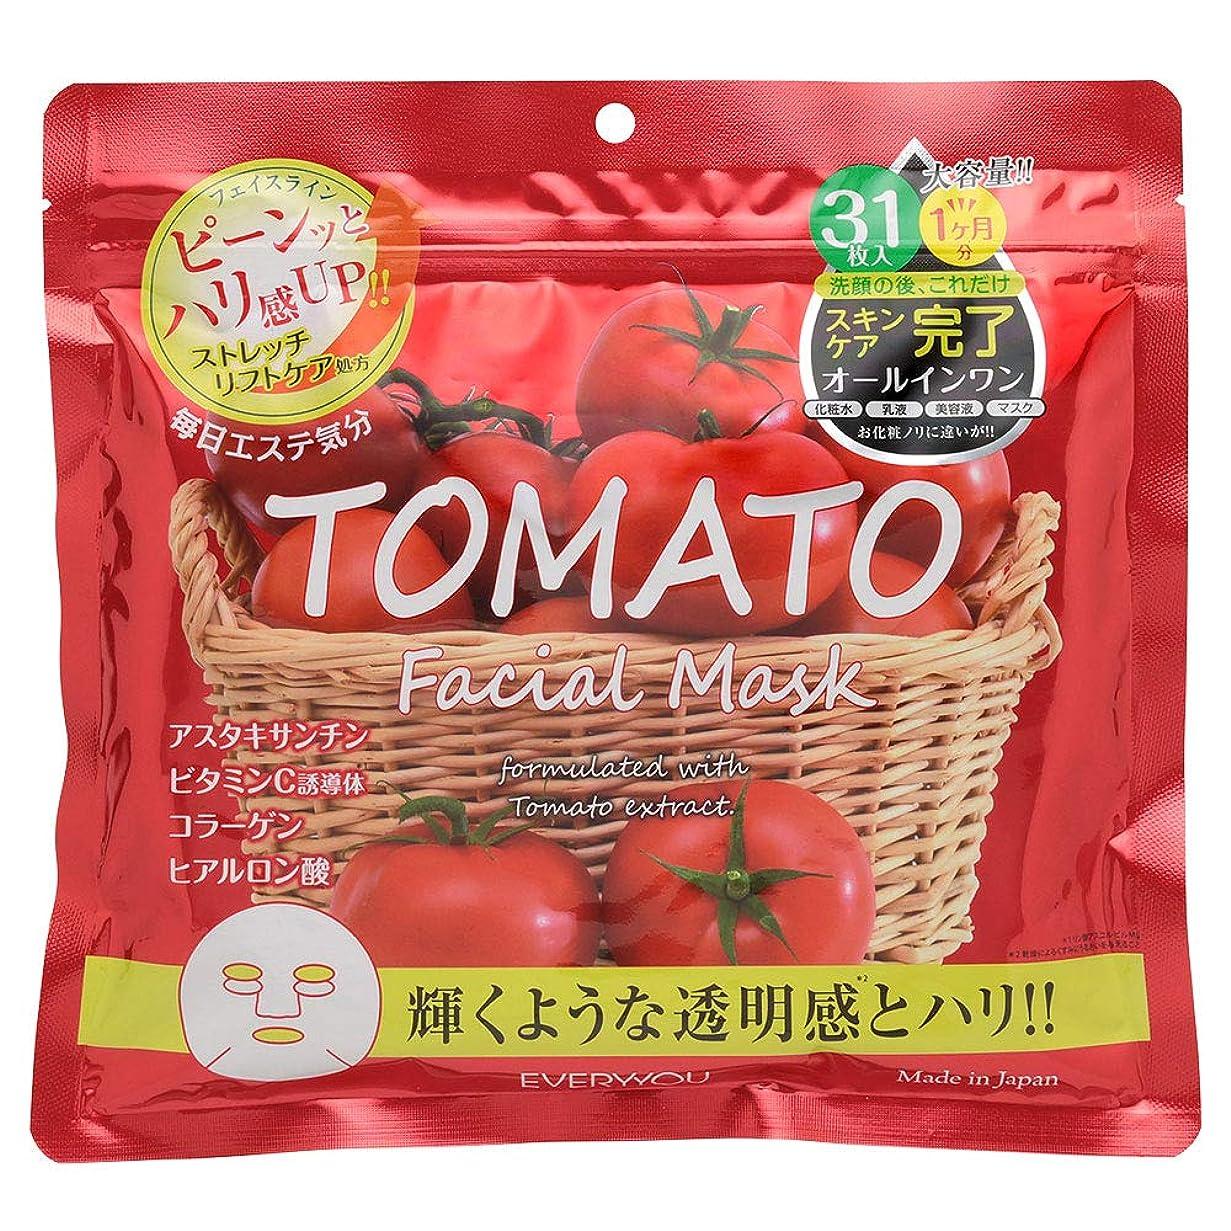 まっすぐ路地パーツトマト フェイシャルマスク 31枚入 日本製 EVERYYOU